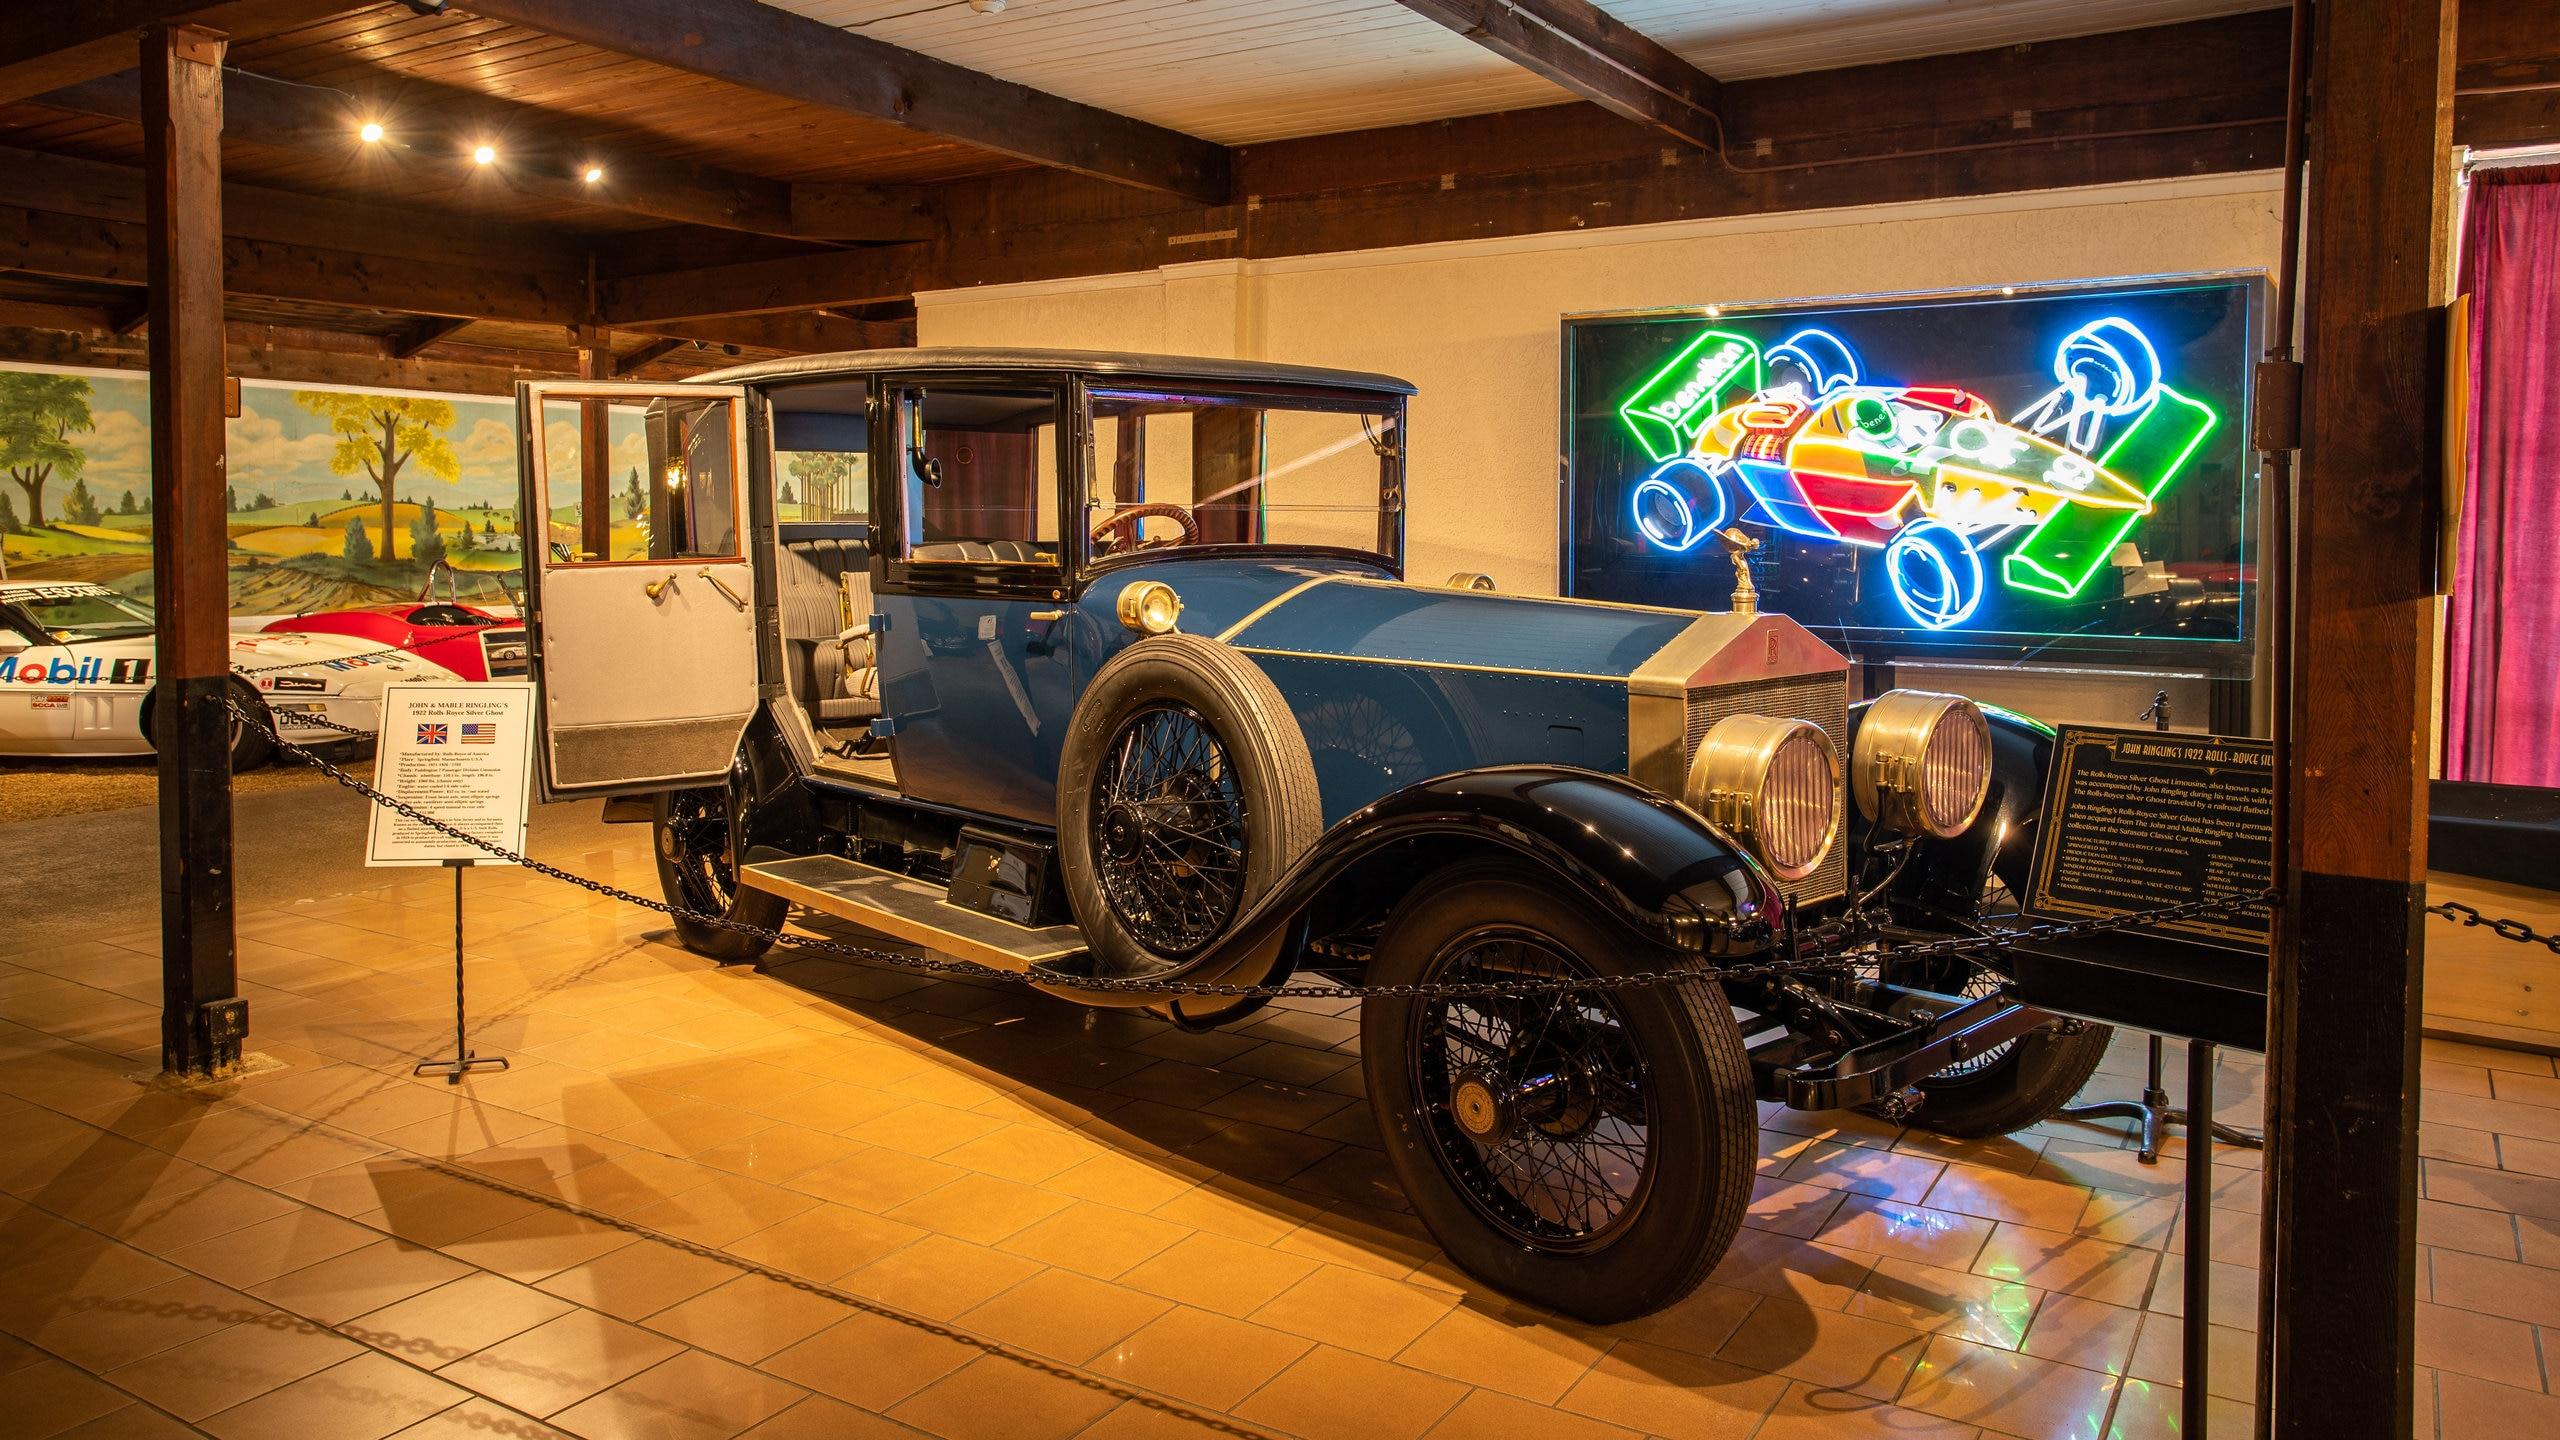 Sarasota Classic Car Museum, Sarasota, Florida, USA